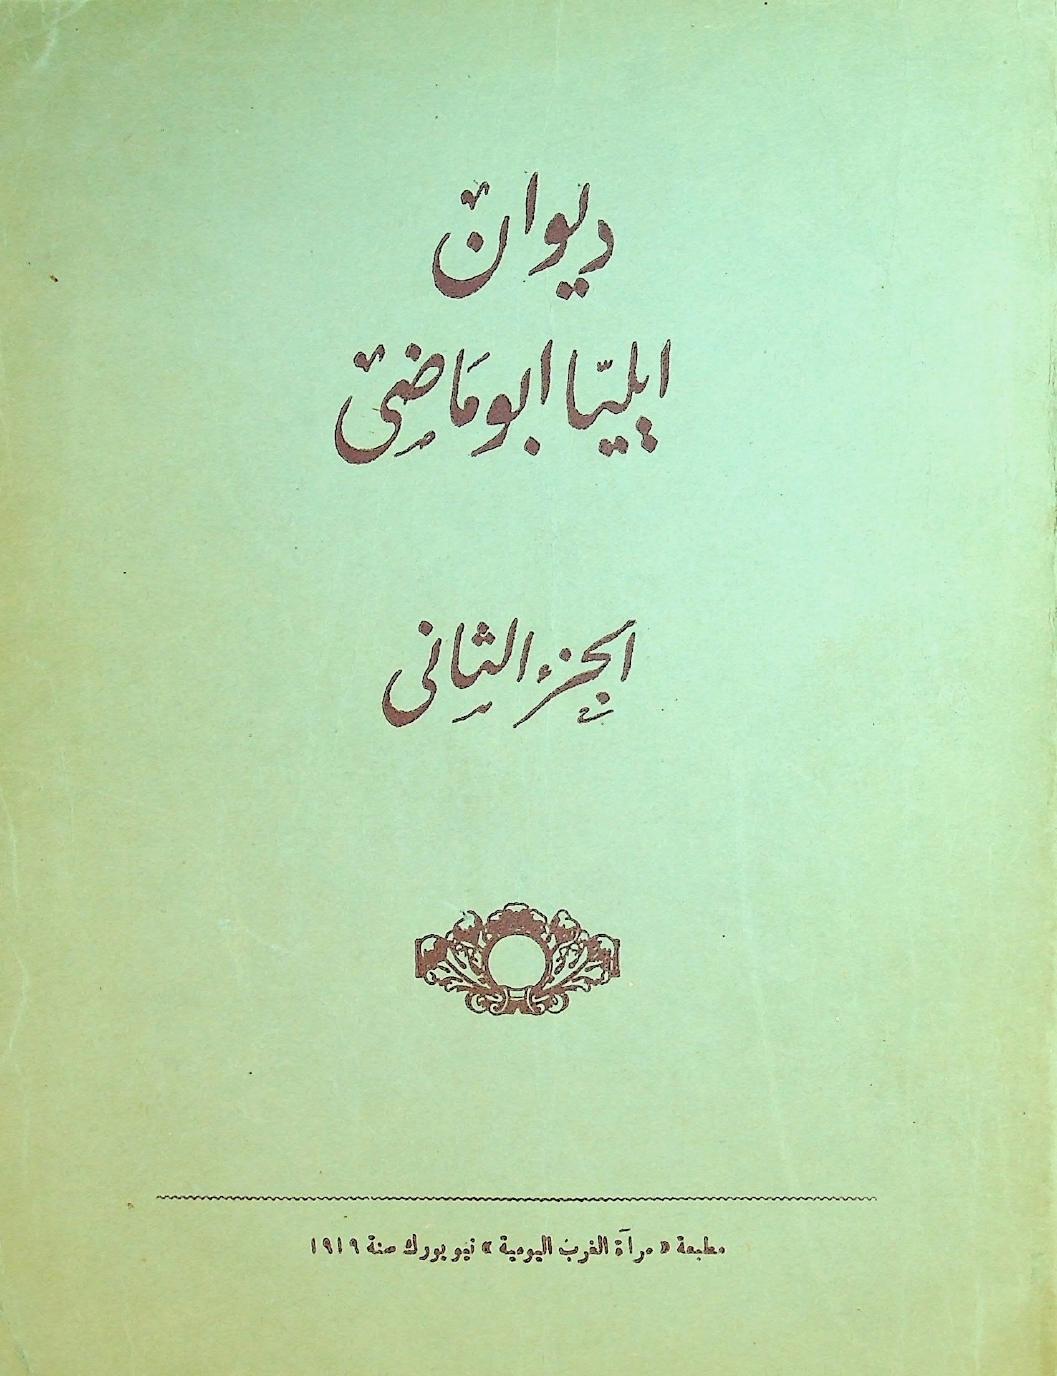 Elia Abu Madi, Diwan Iliya Abu Madi al-Juz' al-Thani, Introduction and Illustrations by Kahlil Gibran, New York: Mir'at al-Gharb al-Yawmiyyah, 1919.